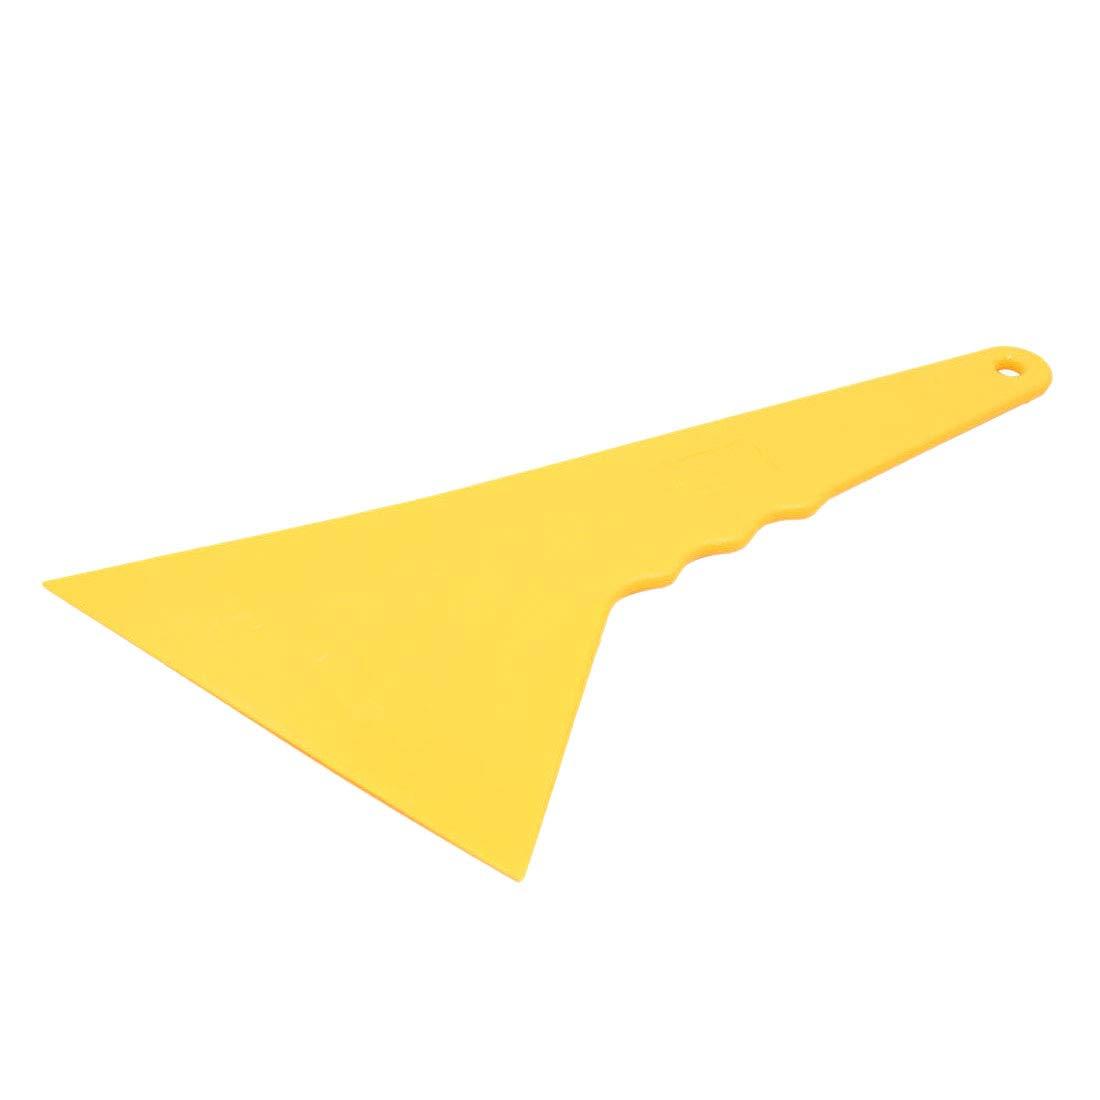 WOVELOT Pl/ástico Amarillo Auto Etiqueta de La Ventana del Coche Pel/ícula Rascador Escobilla de Goma Herramienta de Limpieza 10.5X9.5Cm